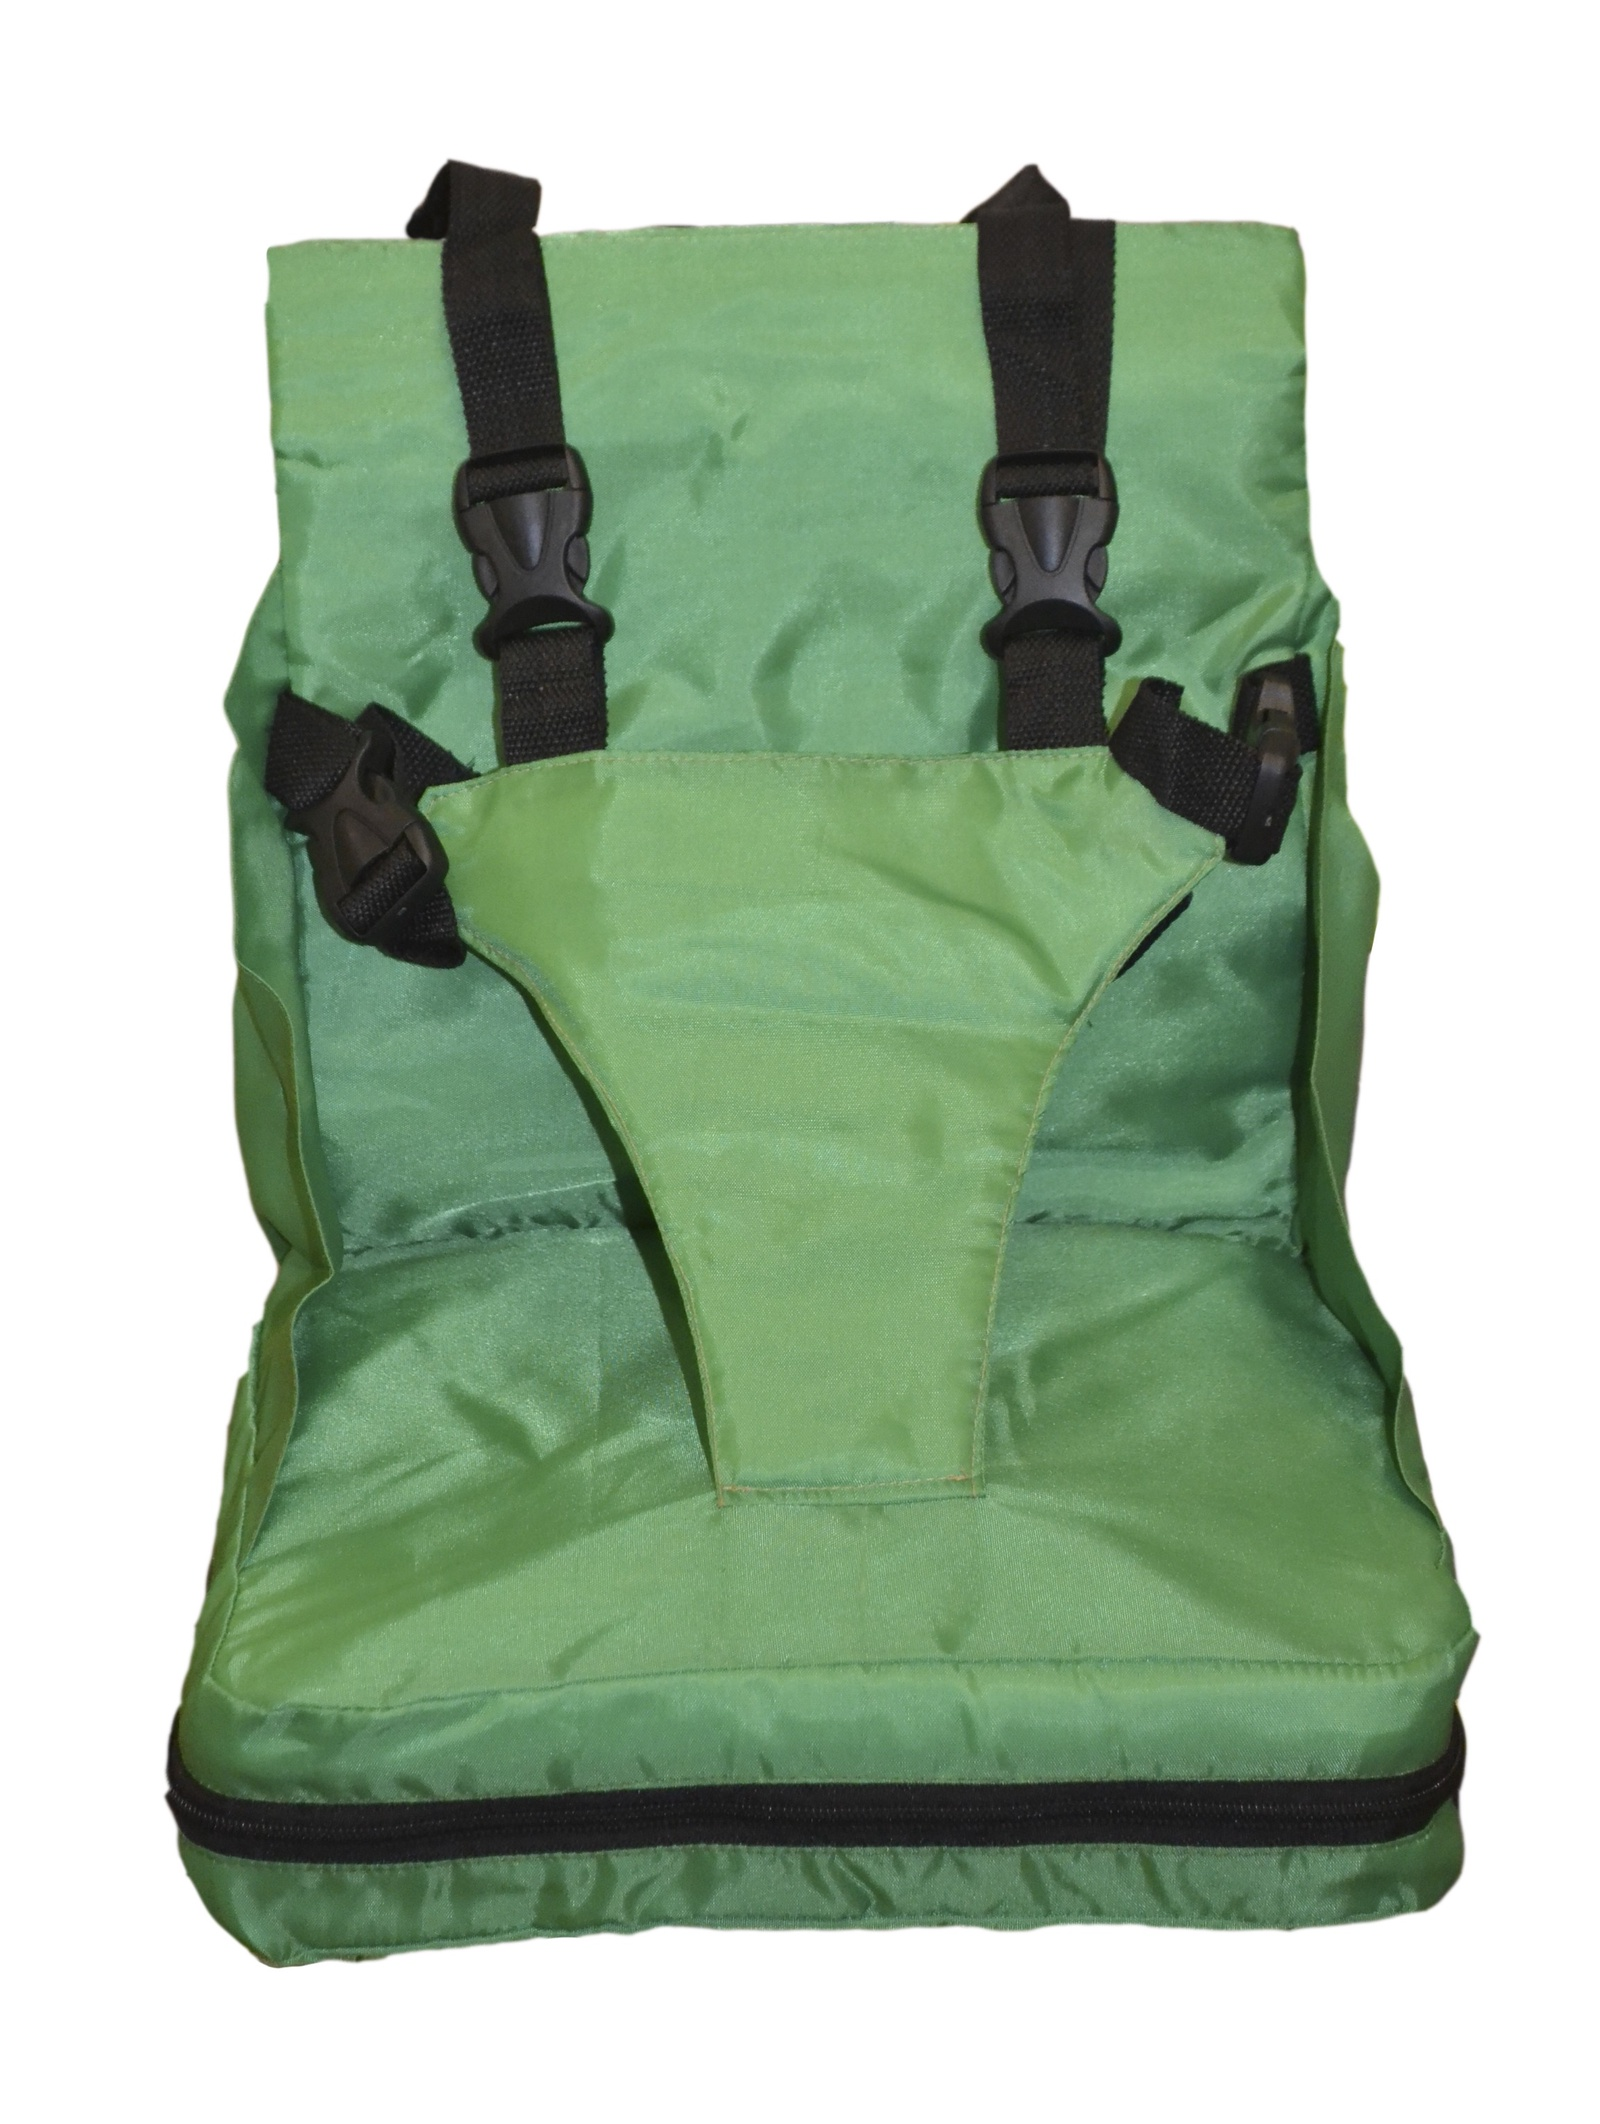 Стульчик для кормления Мирти Стульчик-бустер для кормления TravelSeat зеленый